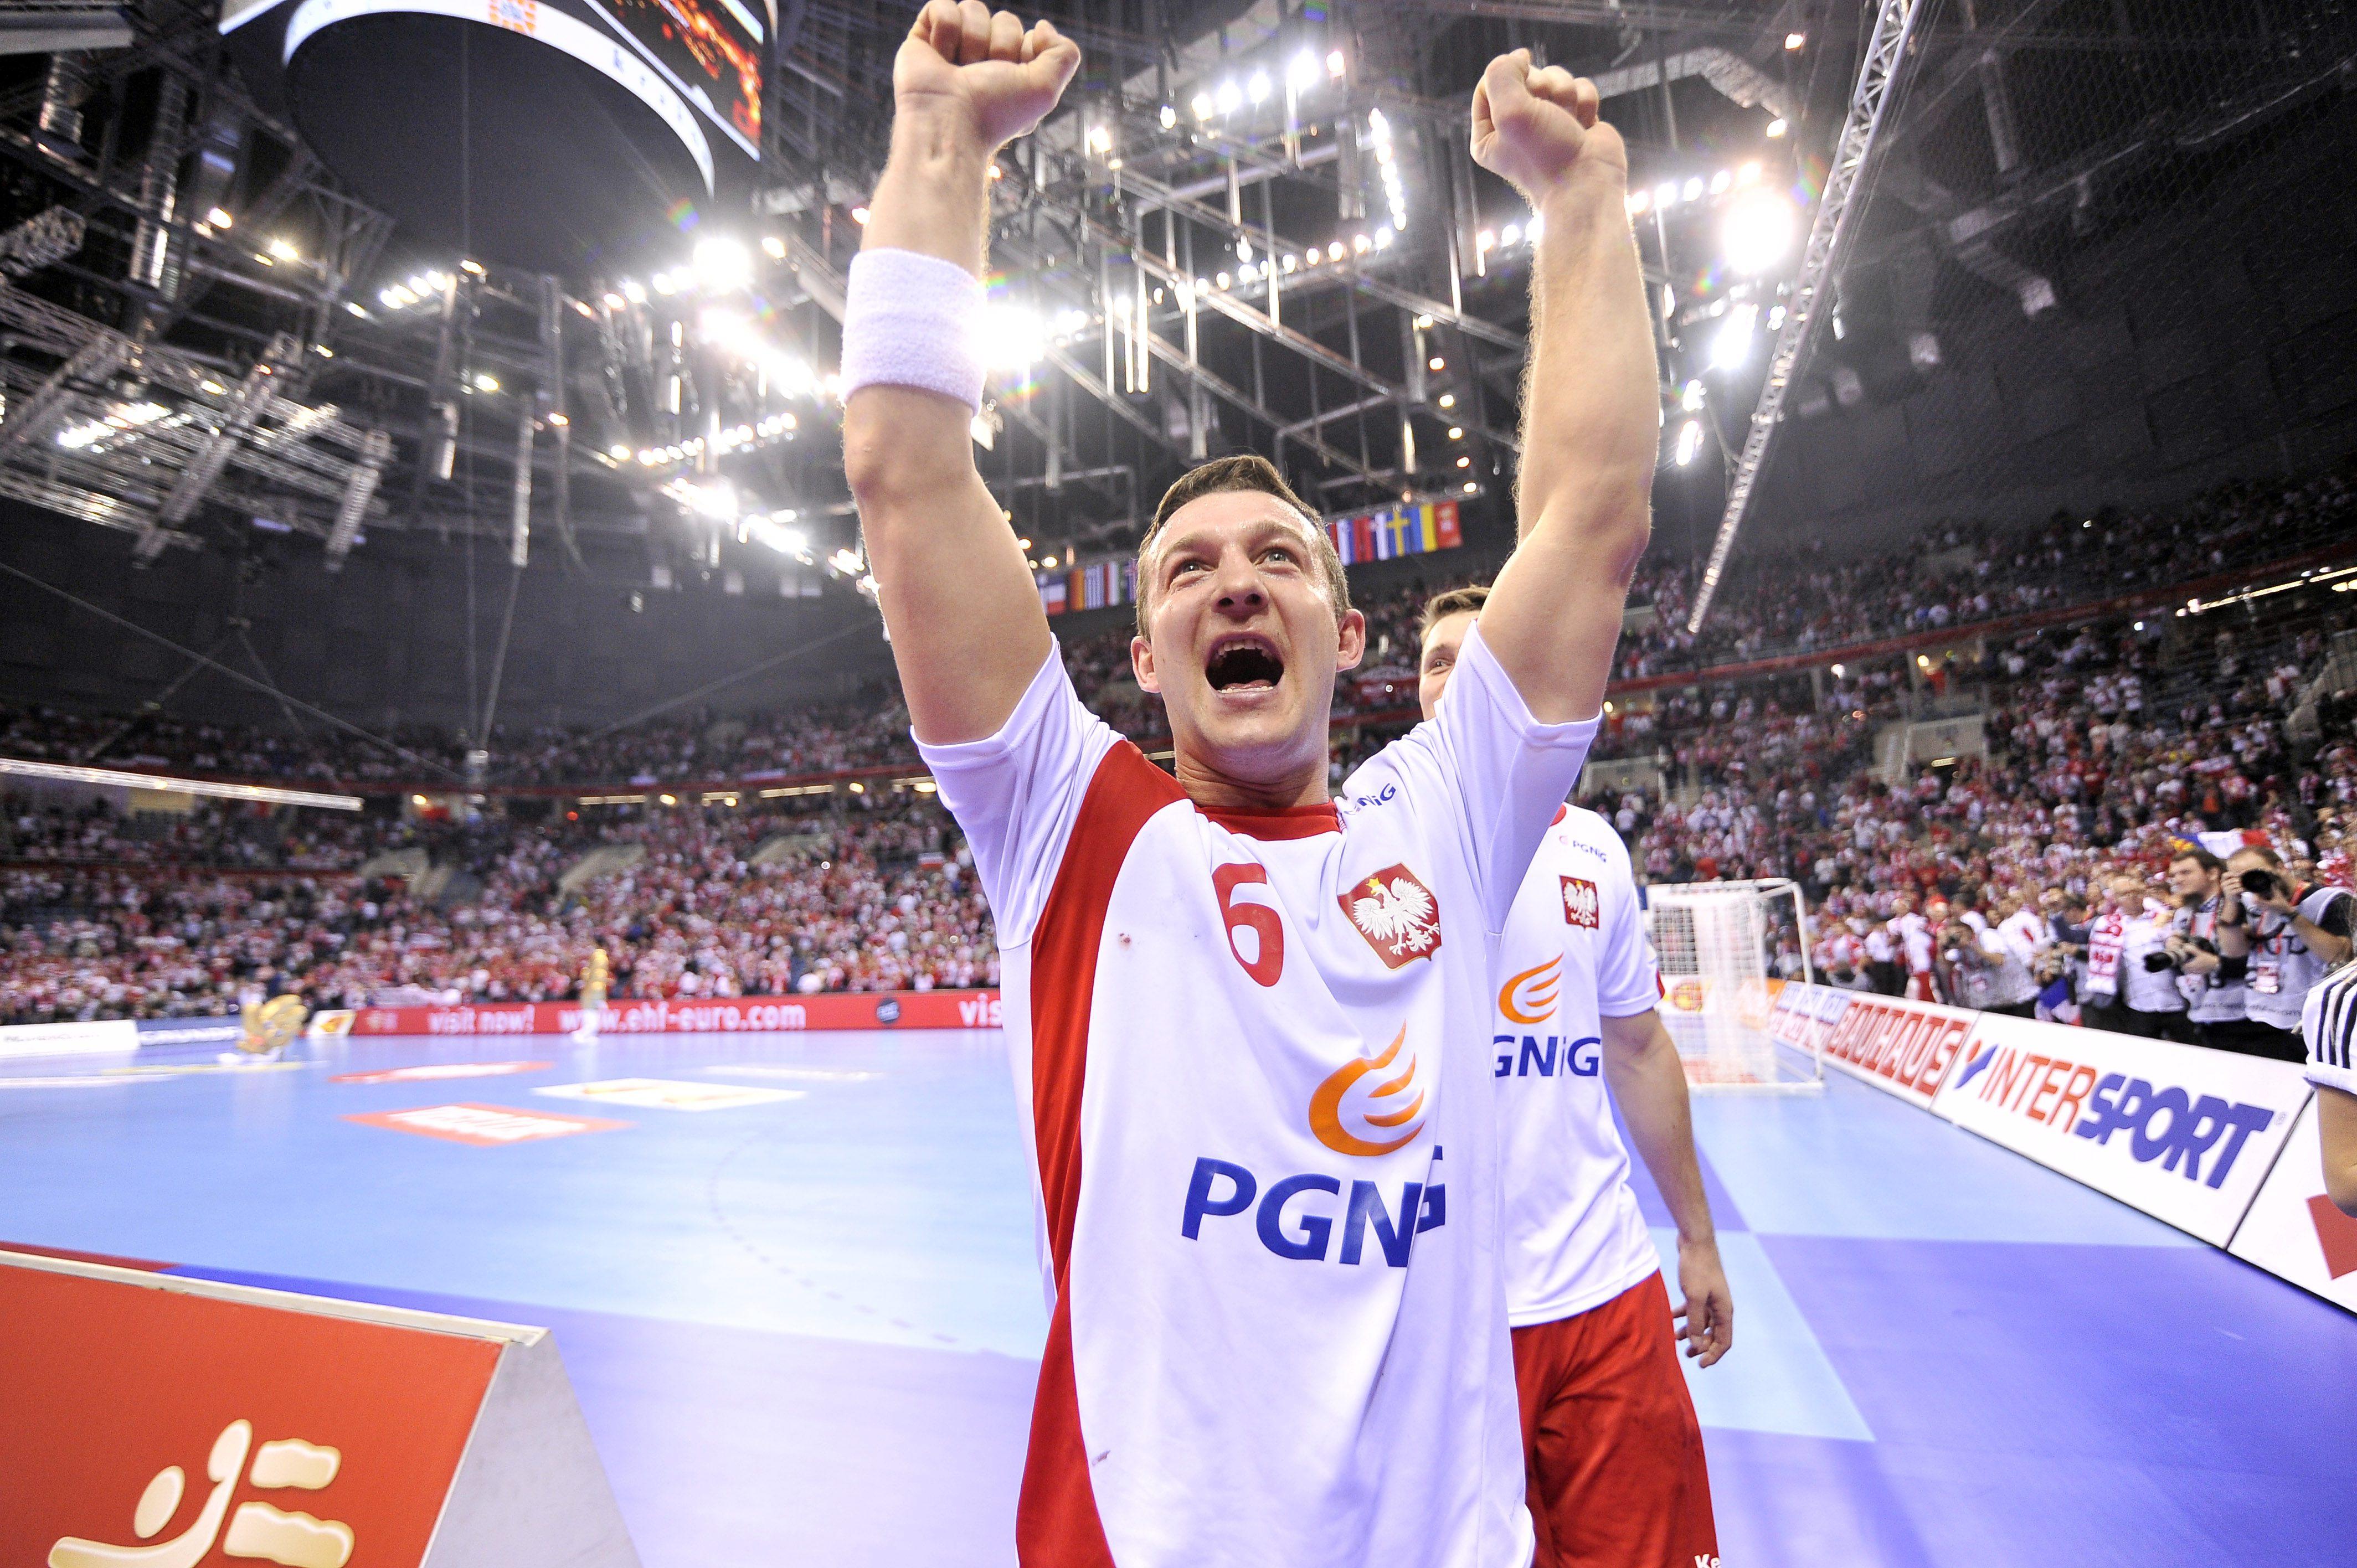 8e979528e 2016.01.19 Krakow Cracow Pilka reczna EHF Euro 2016 Mistrzostwa Europy w pilce  recznej mezczyzn